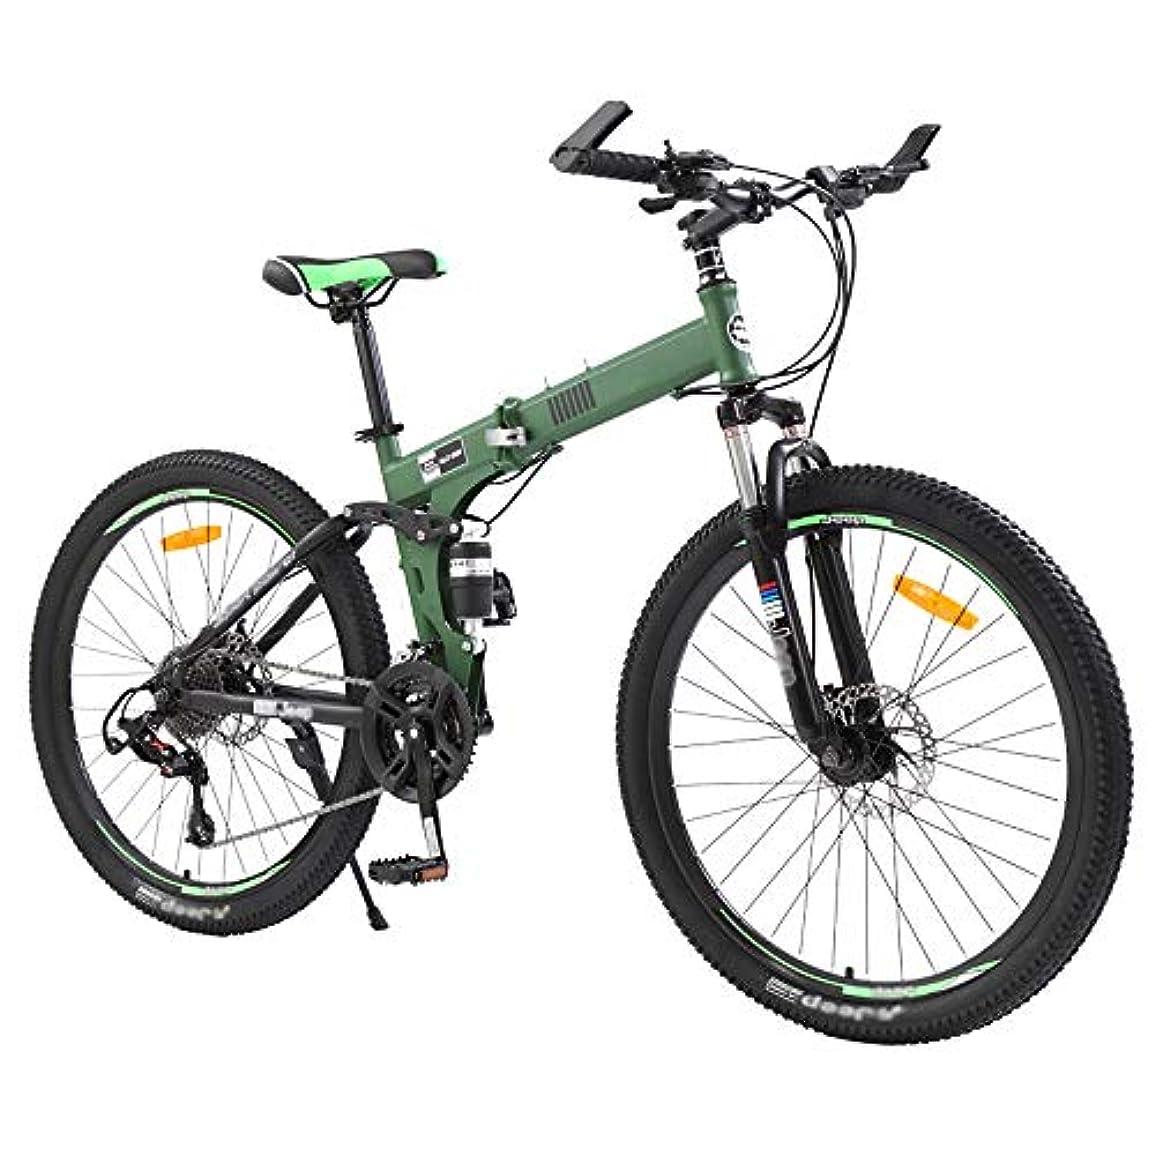 災難八百屋さんクレジットマウンテンバイクデュアルディスクブレーキ自転車、軽量折りたたみ自転車、大人の男性と女性のためのアサルトバイク、24速高炭素鋼